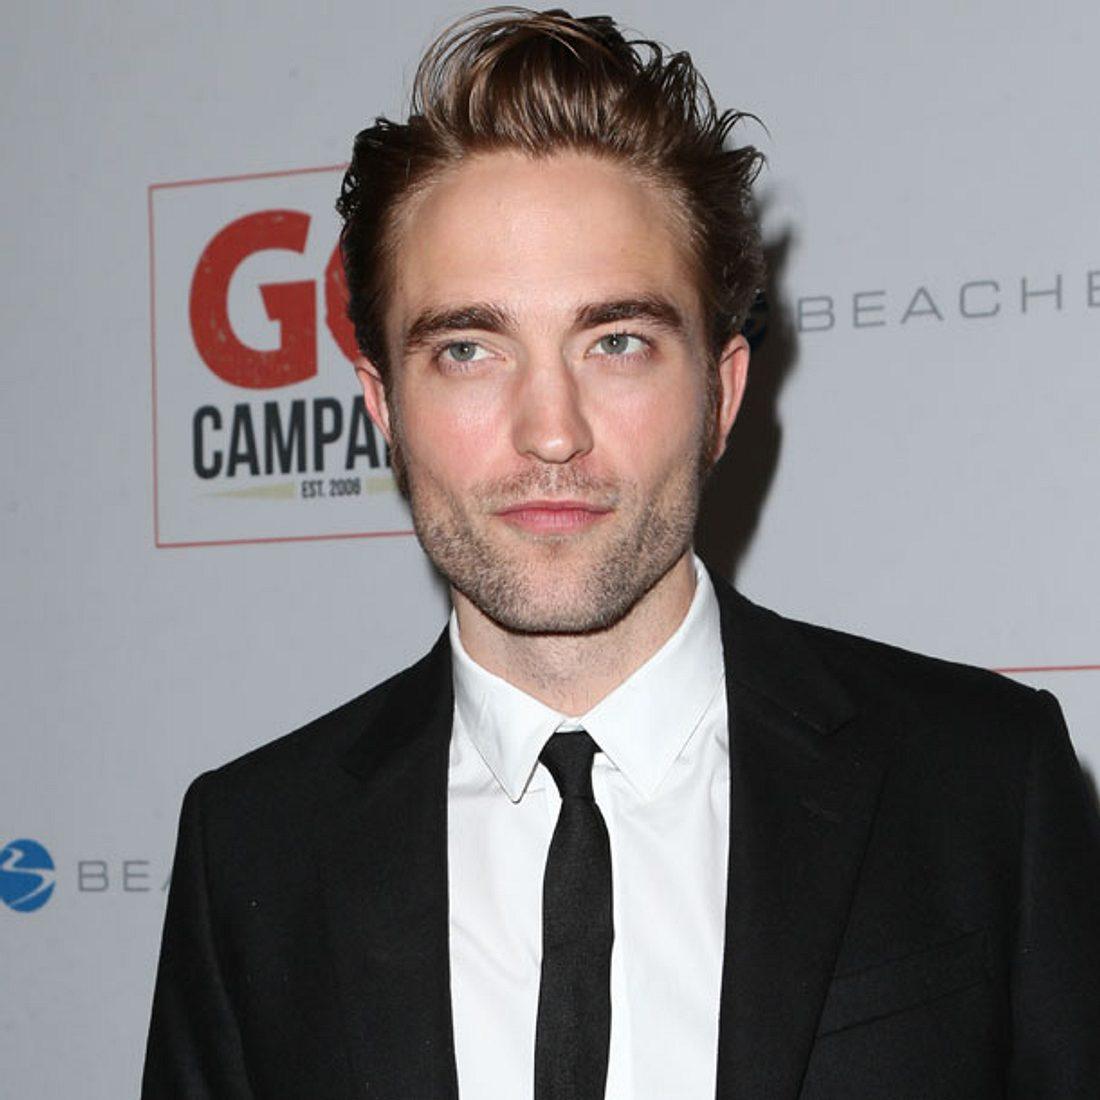 Robert Pattinson geht unter die Modedesigner